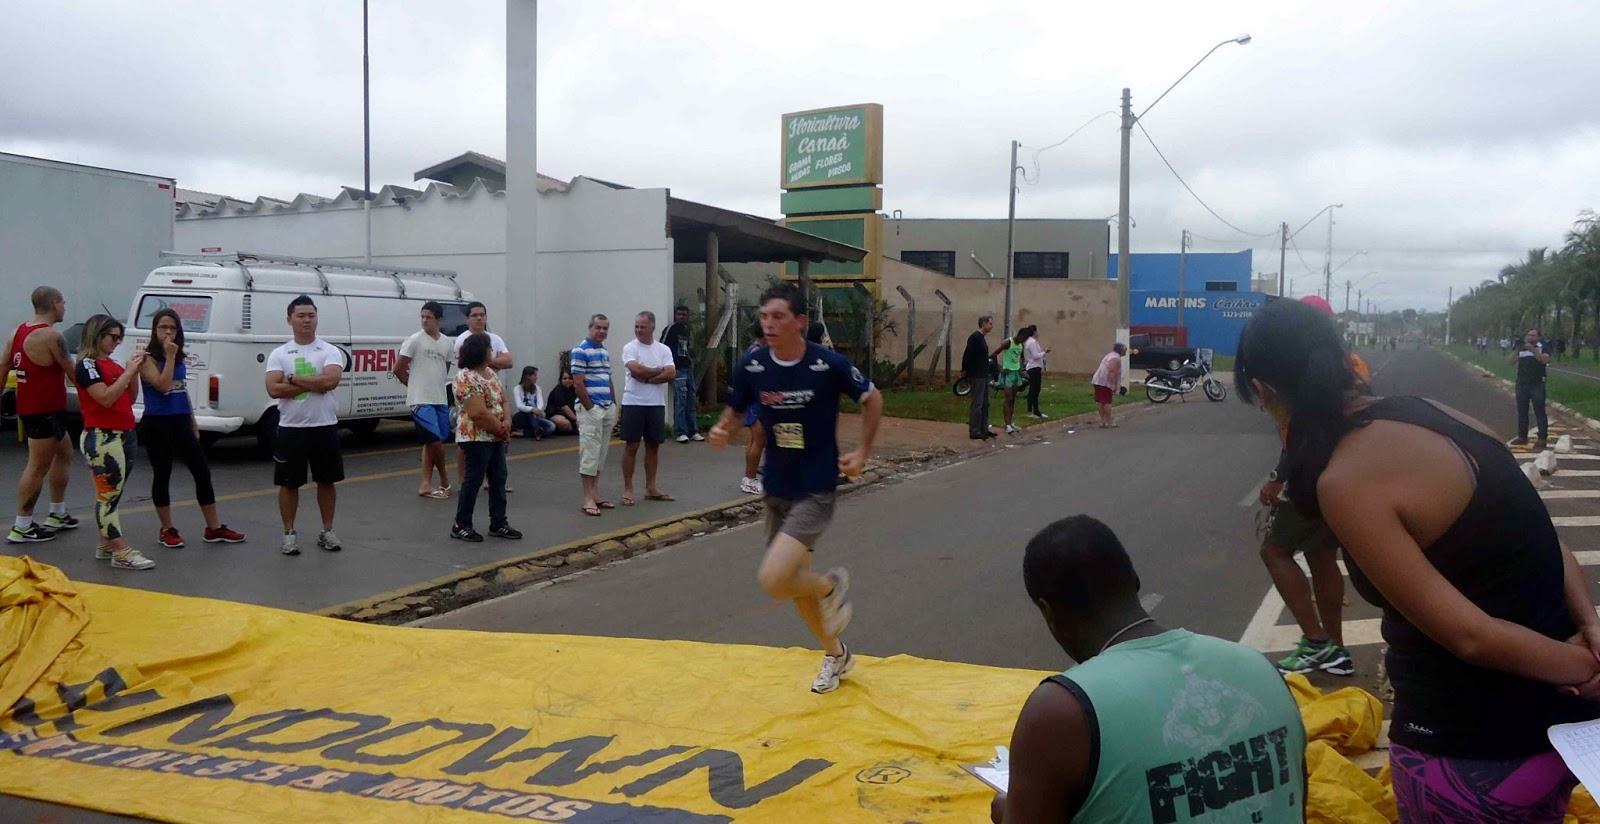 Foto 95 da 1ª Corrida Av. dos Coqueiros em Barretos-SP 14/04/2013 – Atletas cruzando a linha de chegada